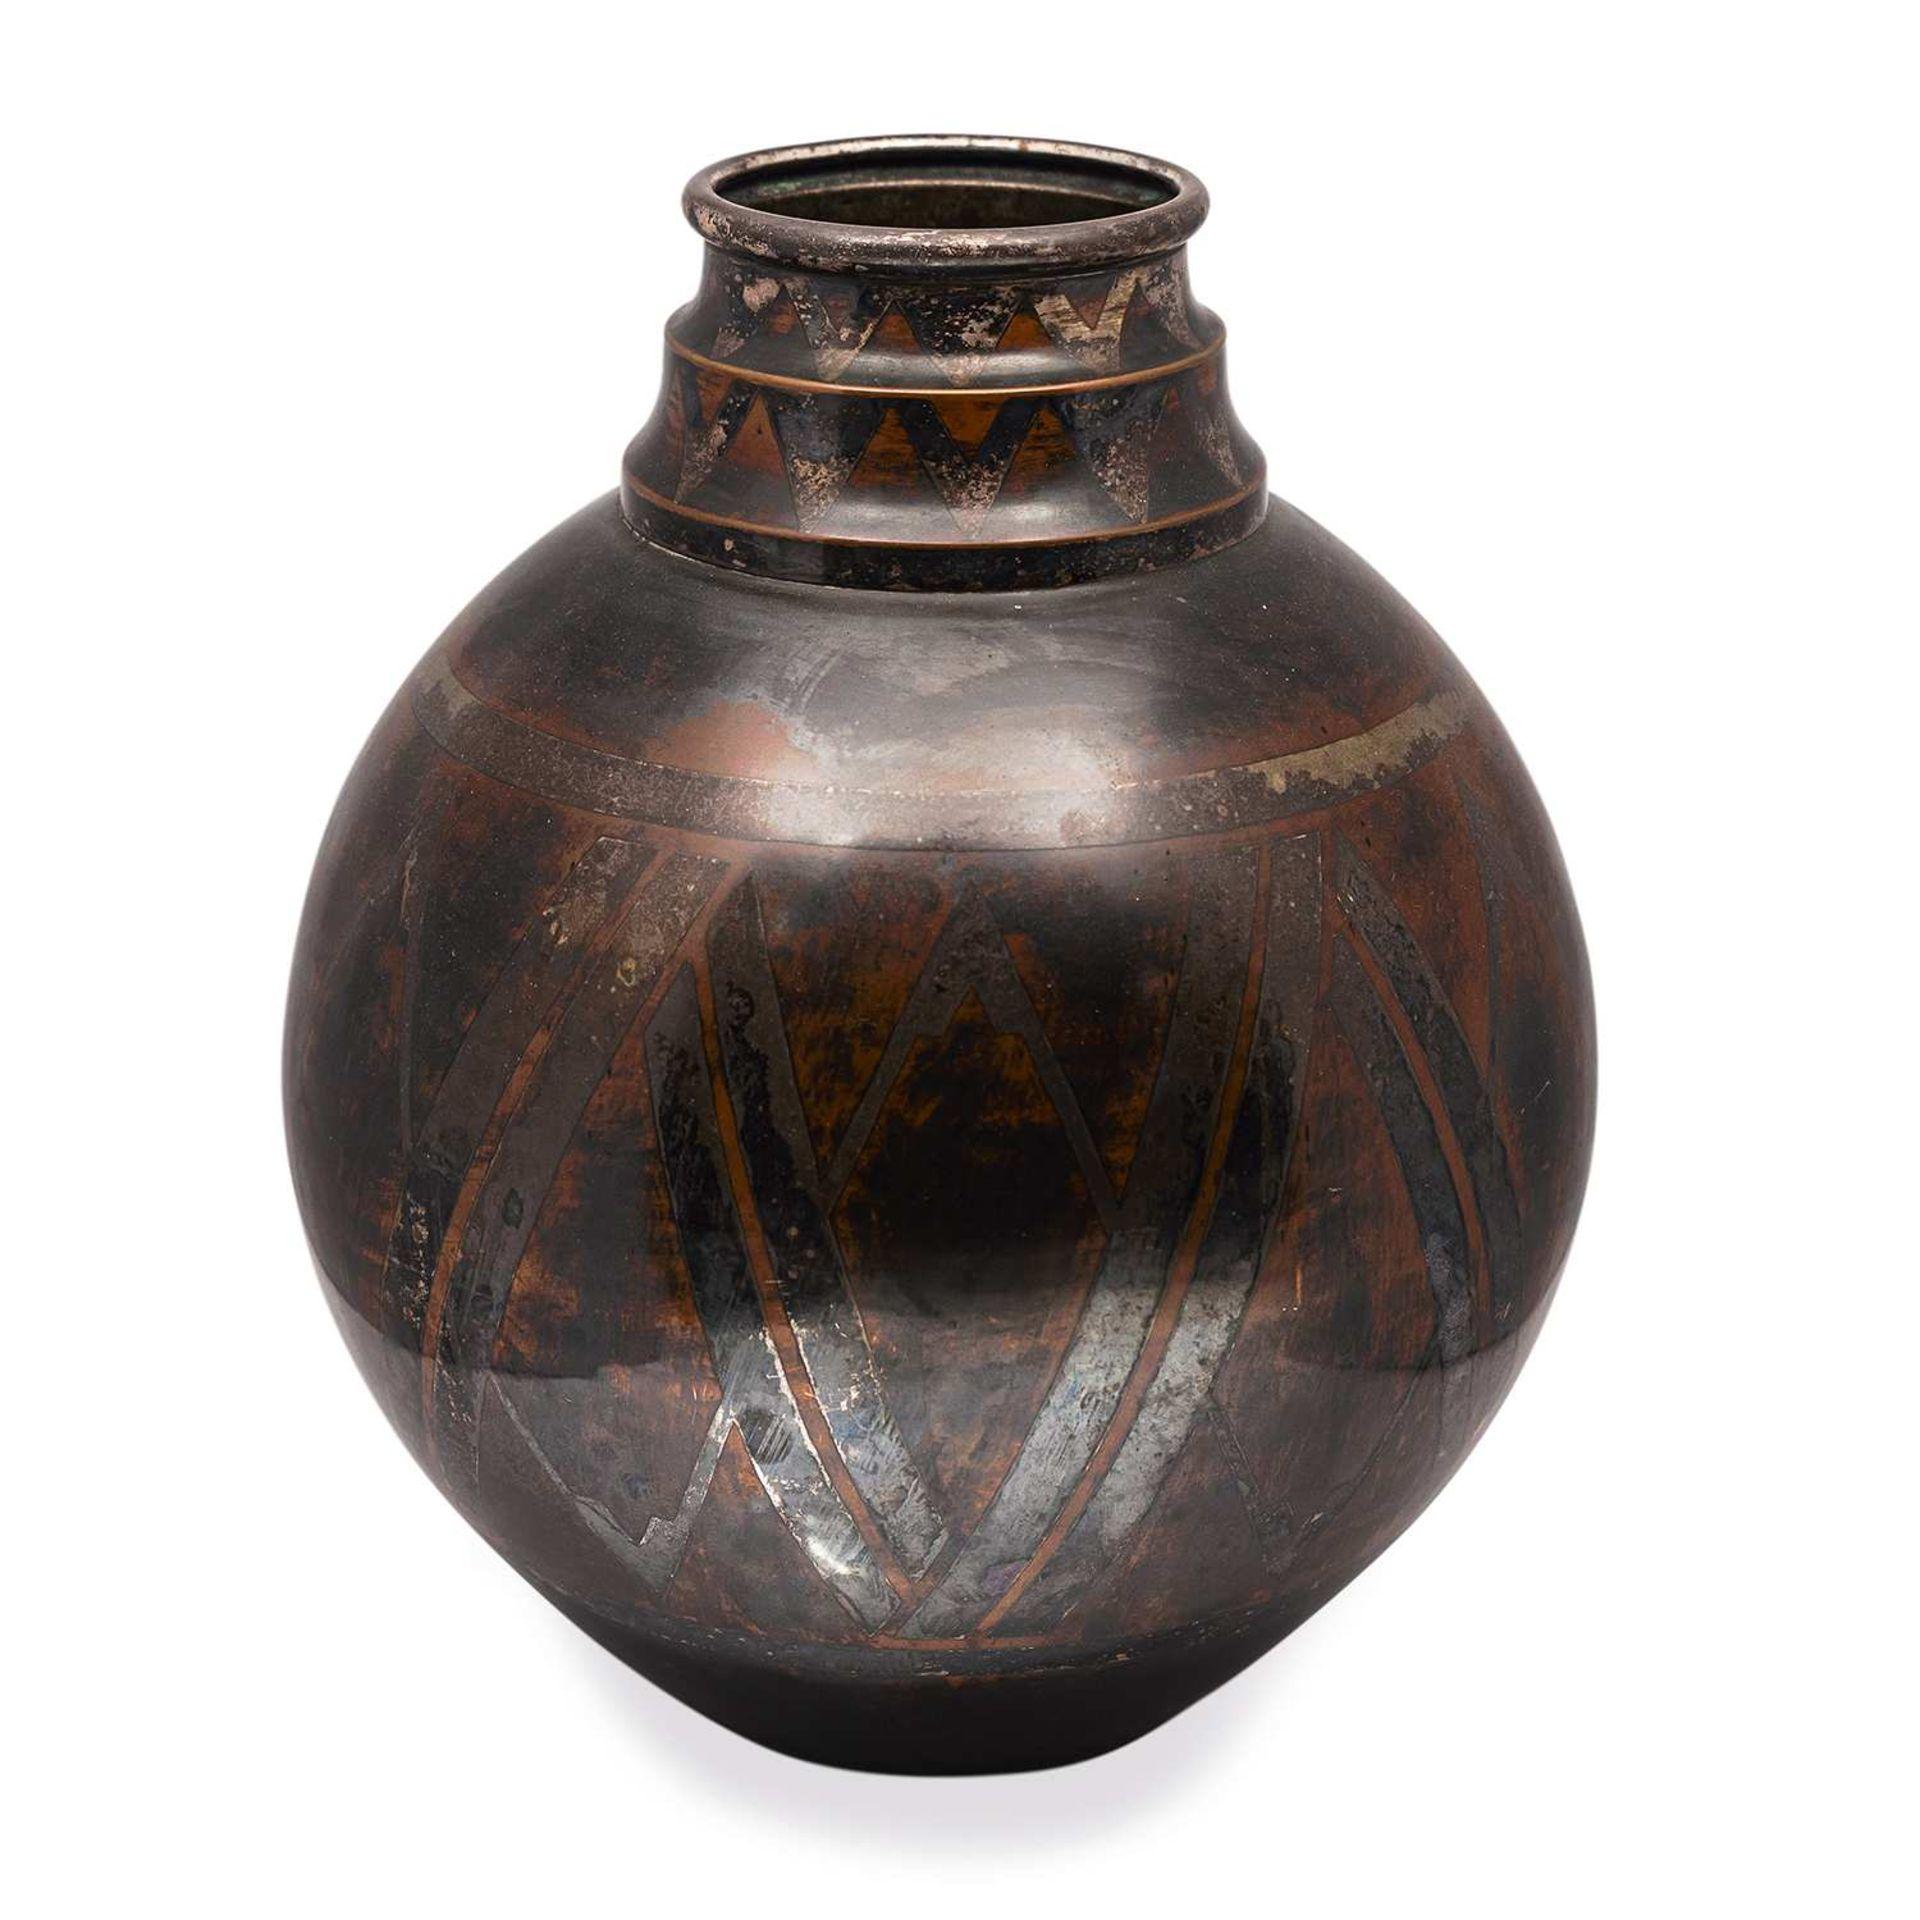 Los 21 - * CHRISTOFLE (ORFÈVRE) Vase ovoïde en dinanderie de cuivre à patine noire, col à ressauts, décor